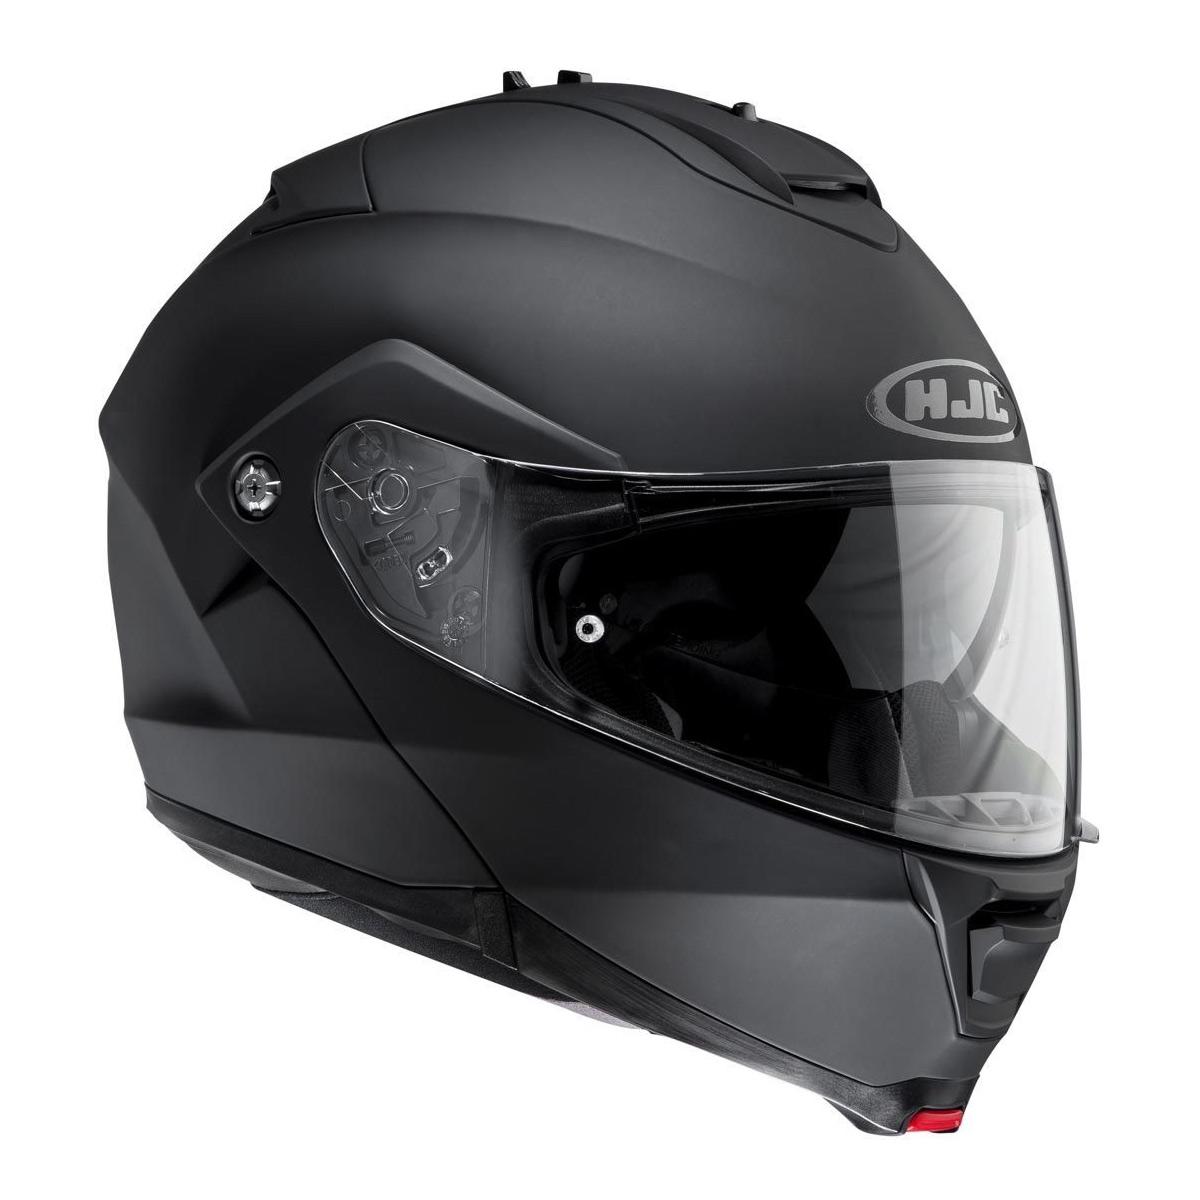 HJC ist Max 2 Rubberton Helm flach schwarz